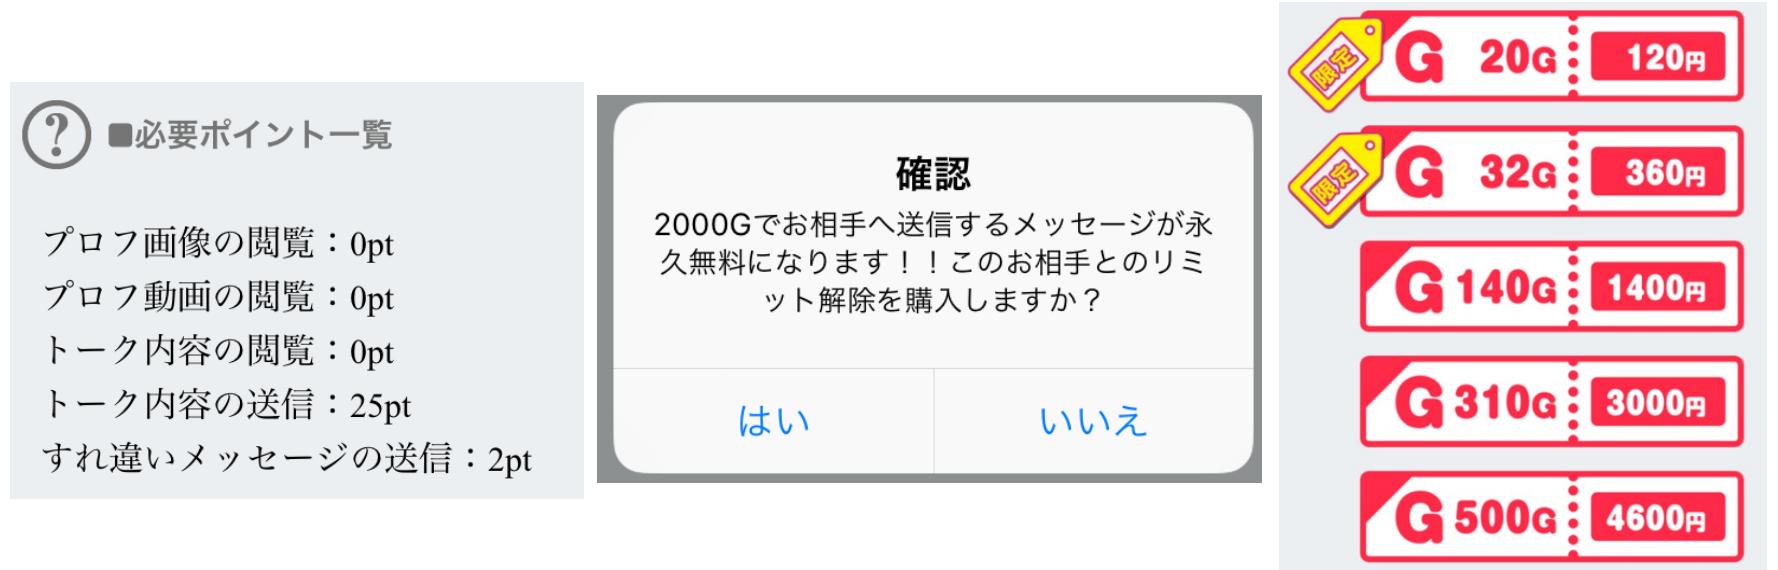 悪質詐欺出会い系アプリ「an×2(アンジー)」料金